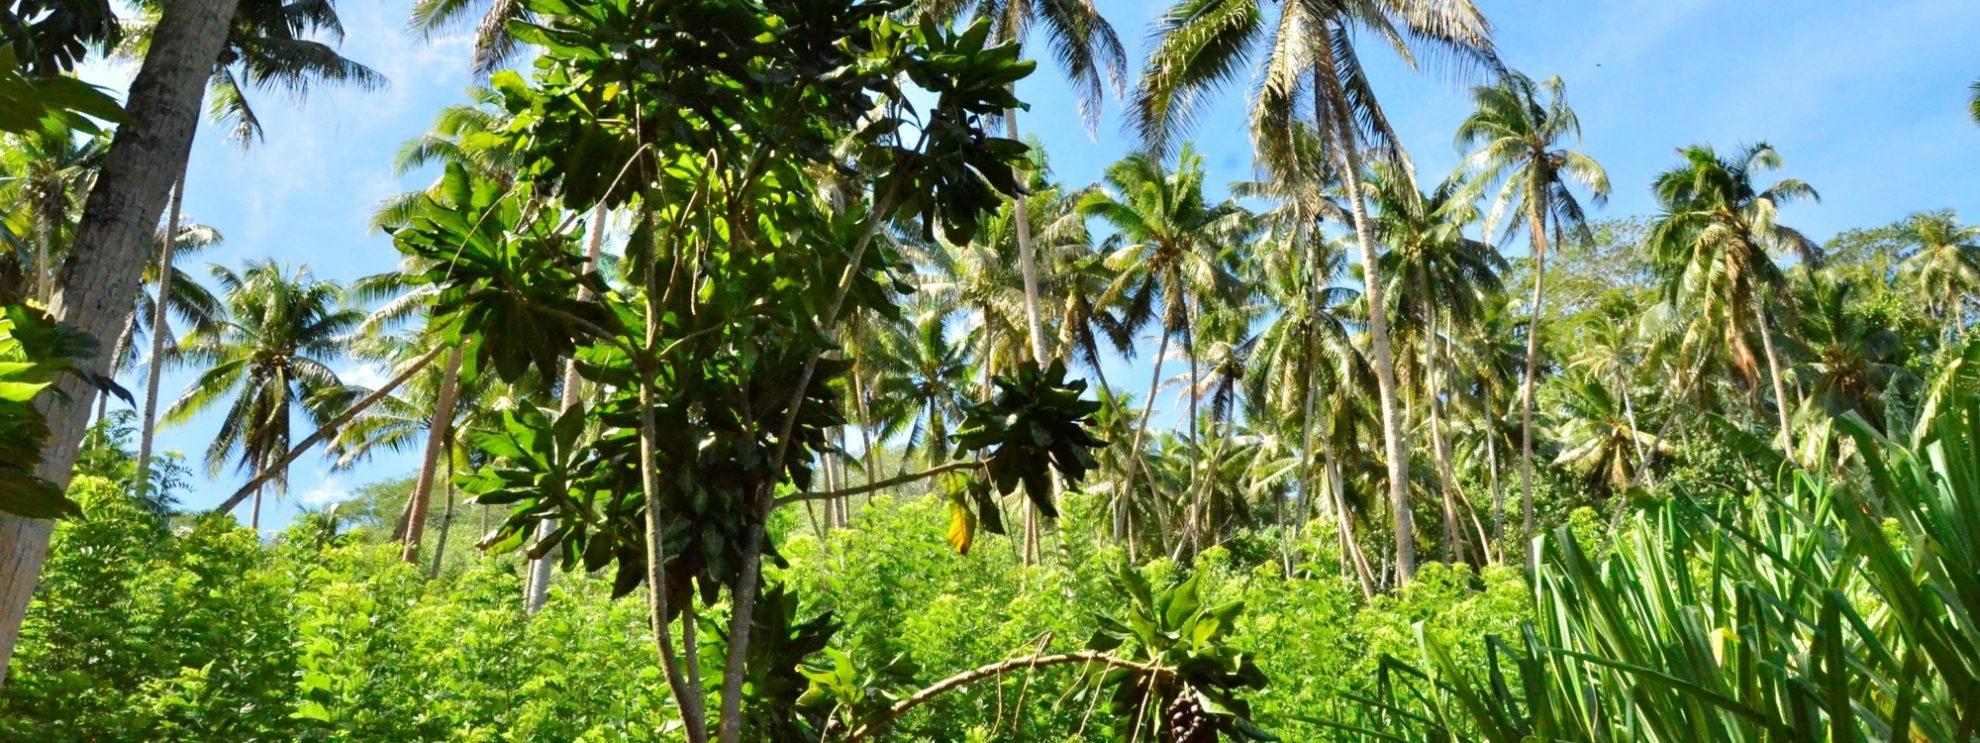 Буйство природы острова Тахаа.